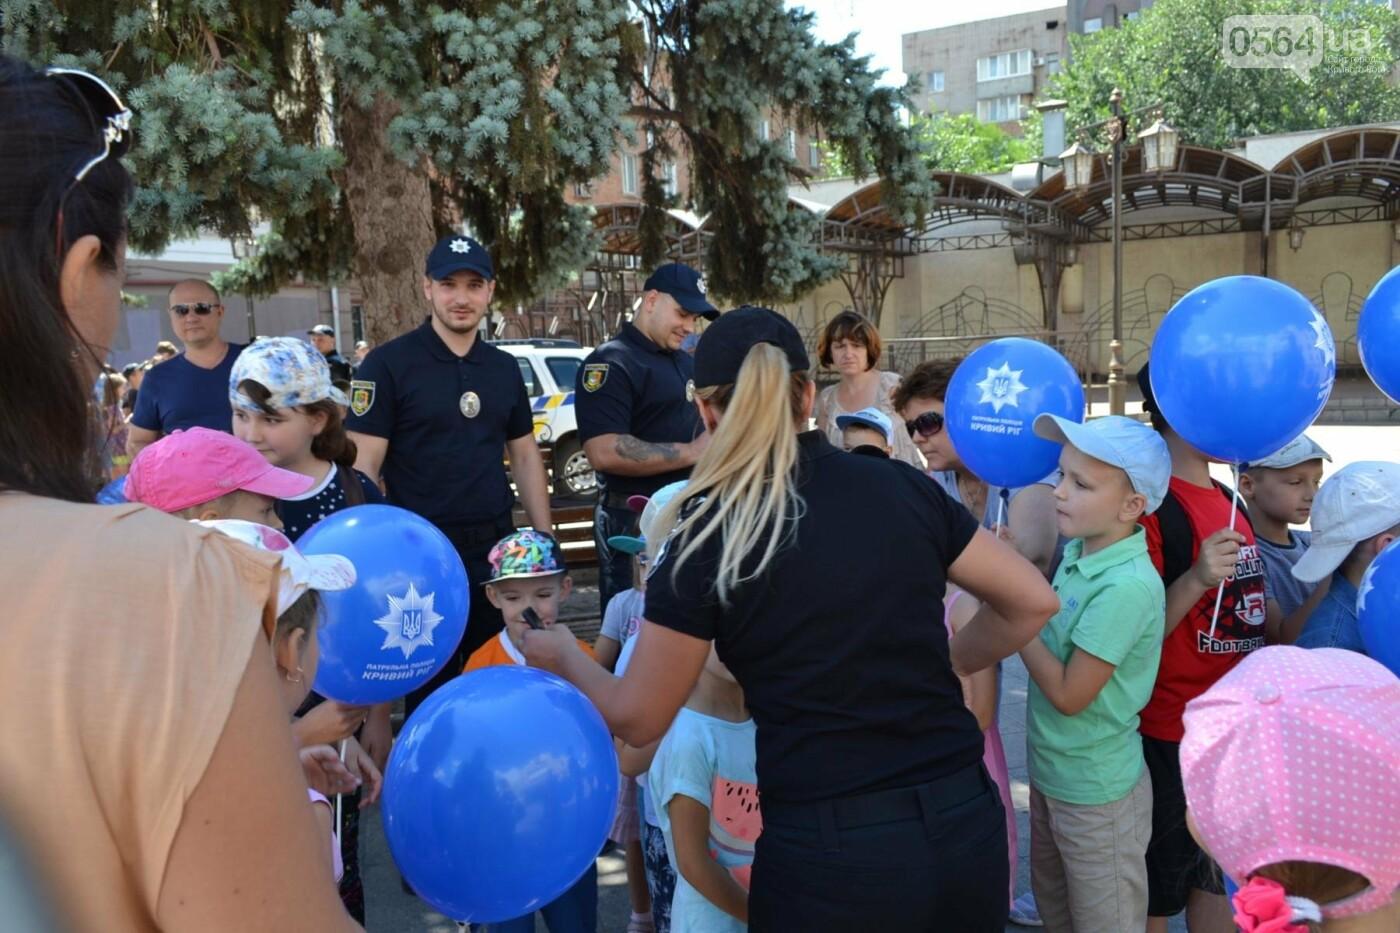 Патрульная полиция Кривого Рога отметила свой День рождения с детворой,- ФОТО, фото-8